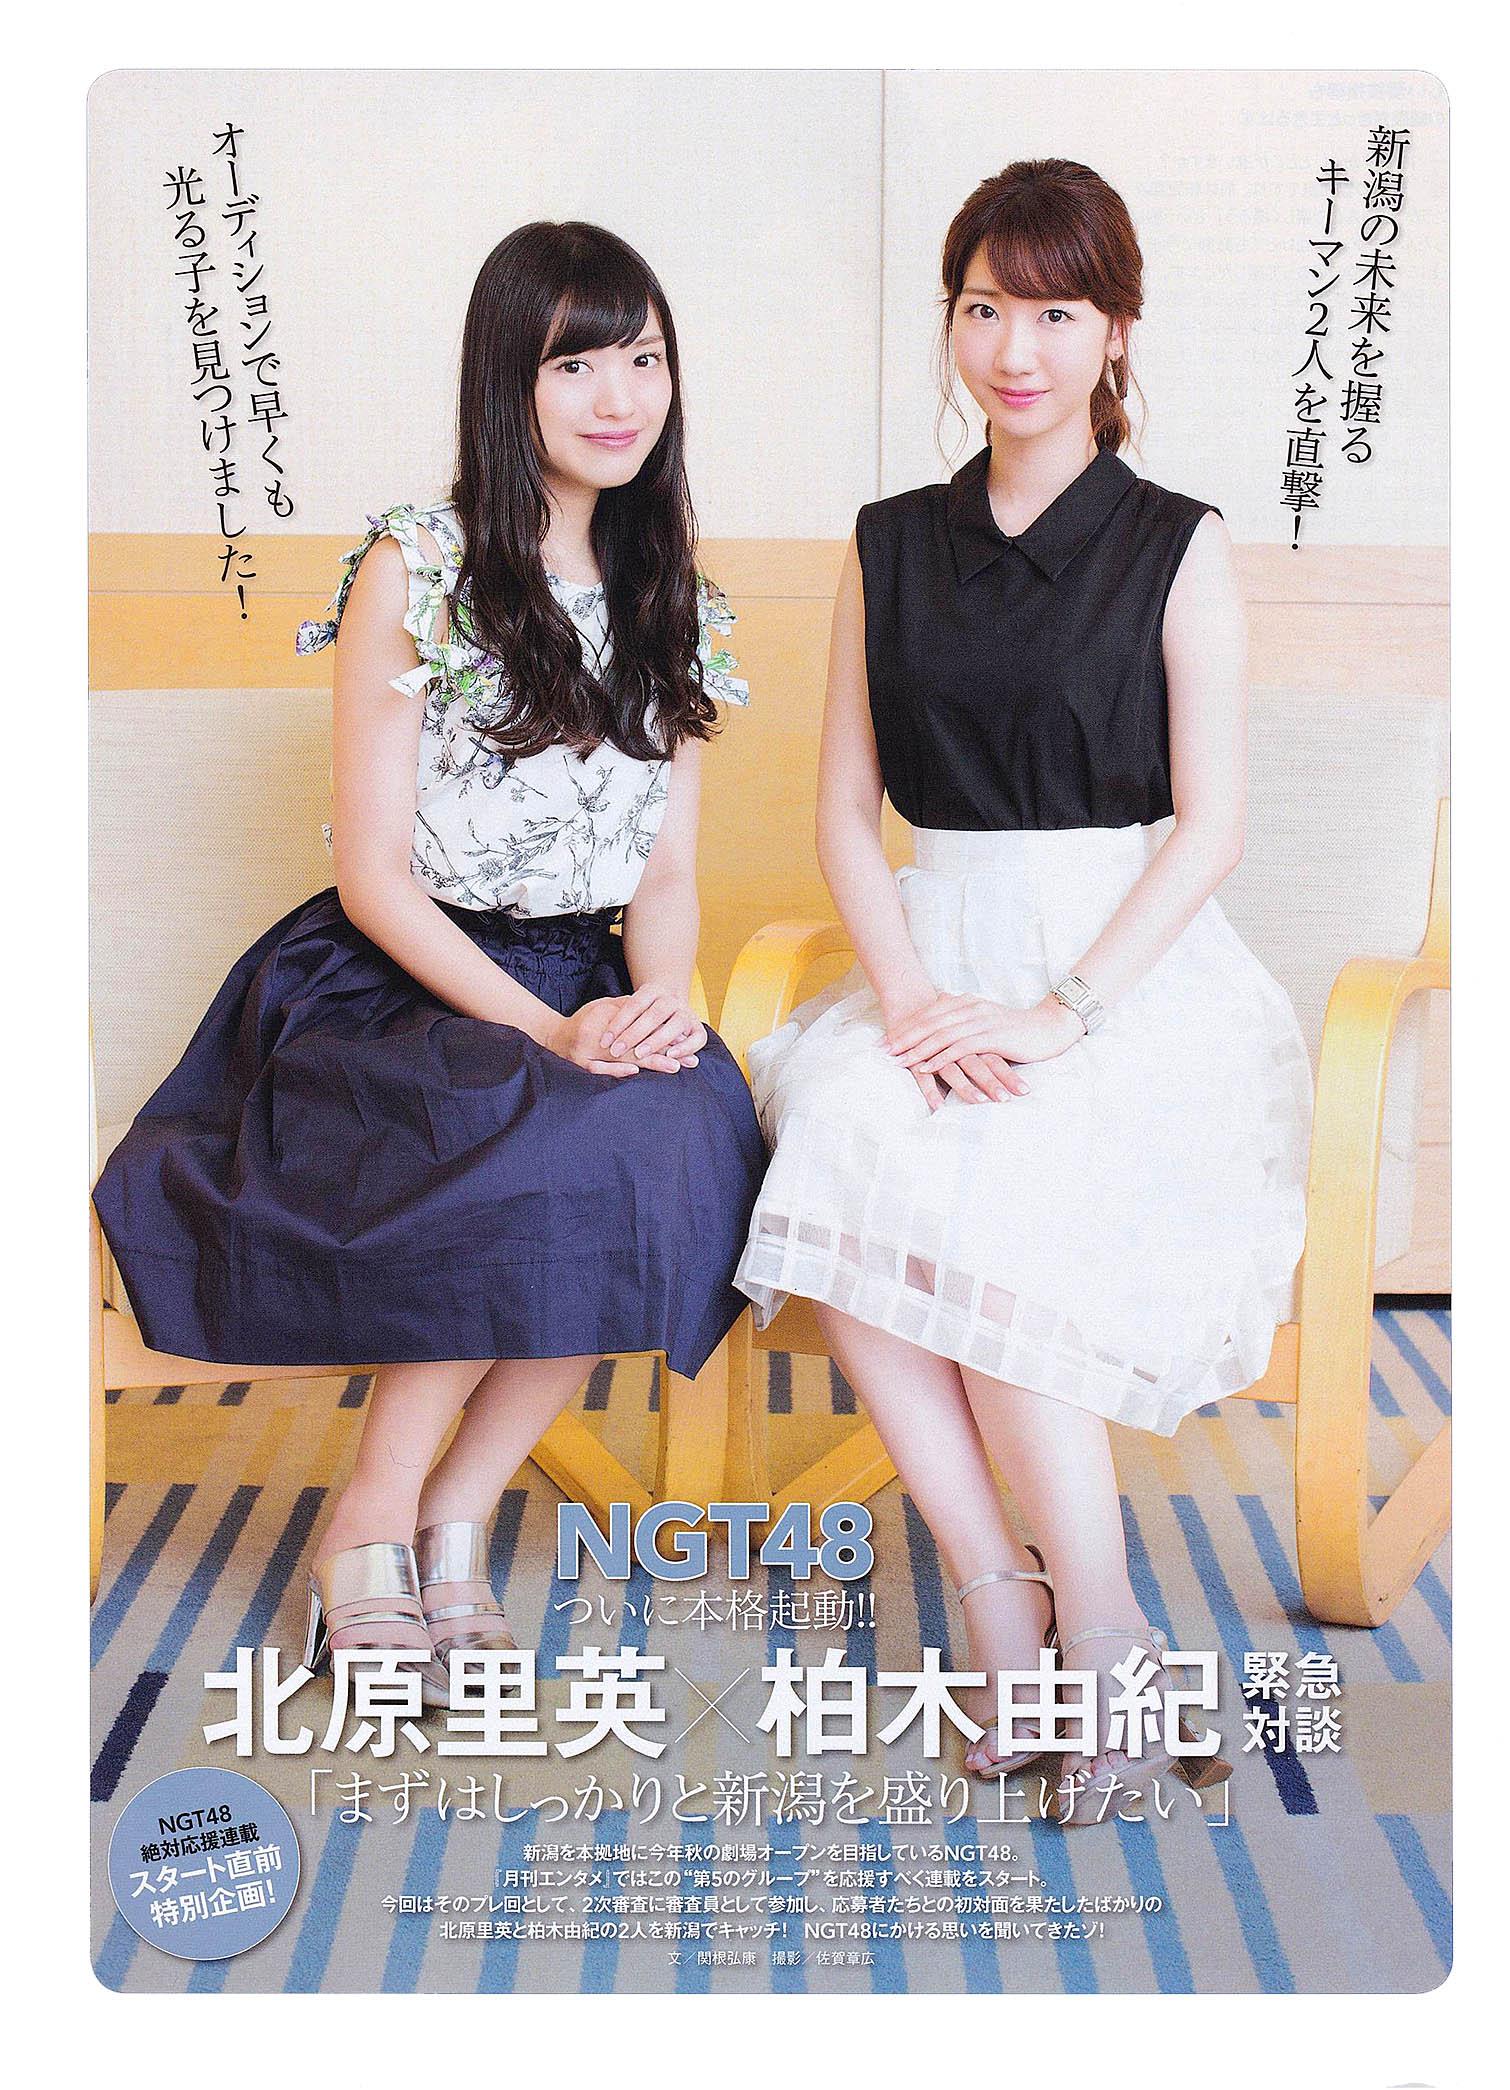 YKashiwagi RKitahara EnTame 1509 01.jpg